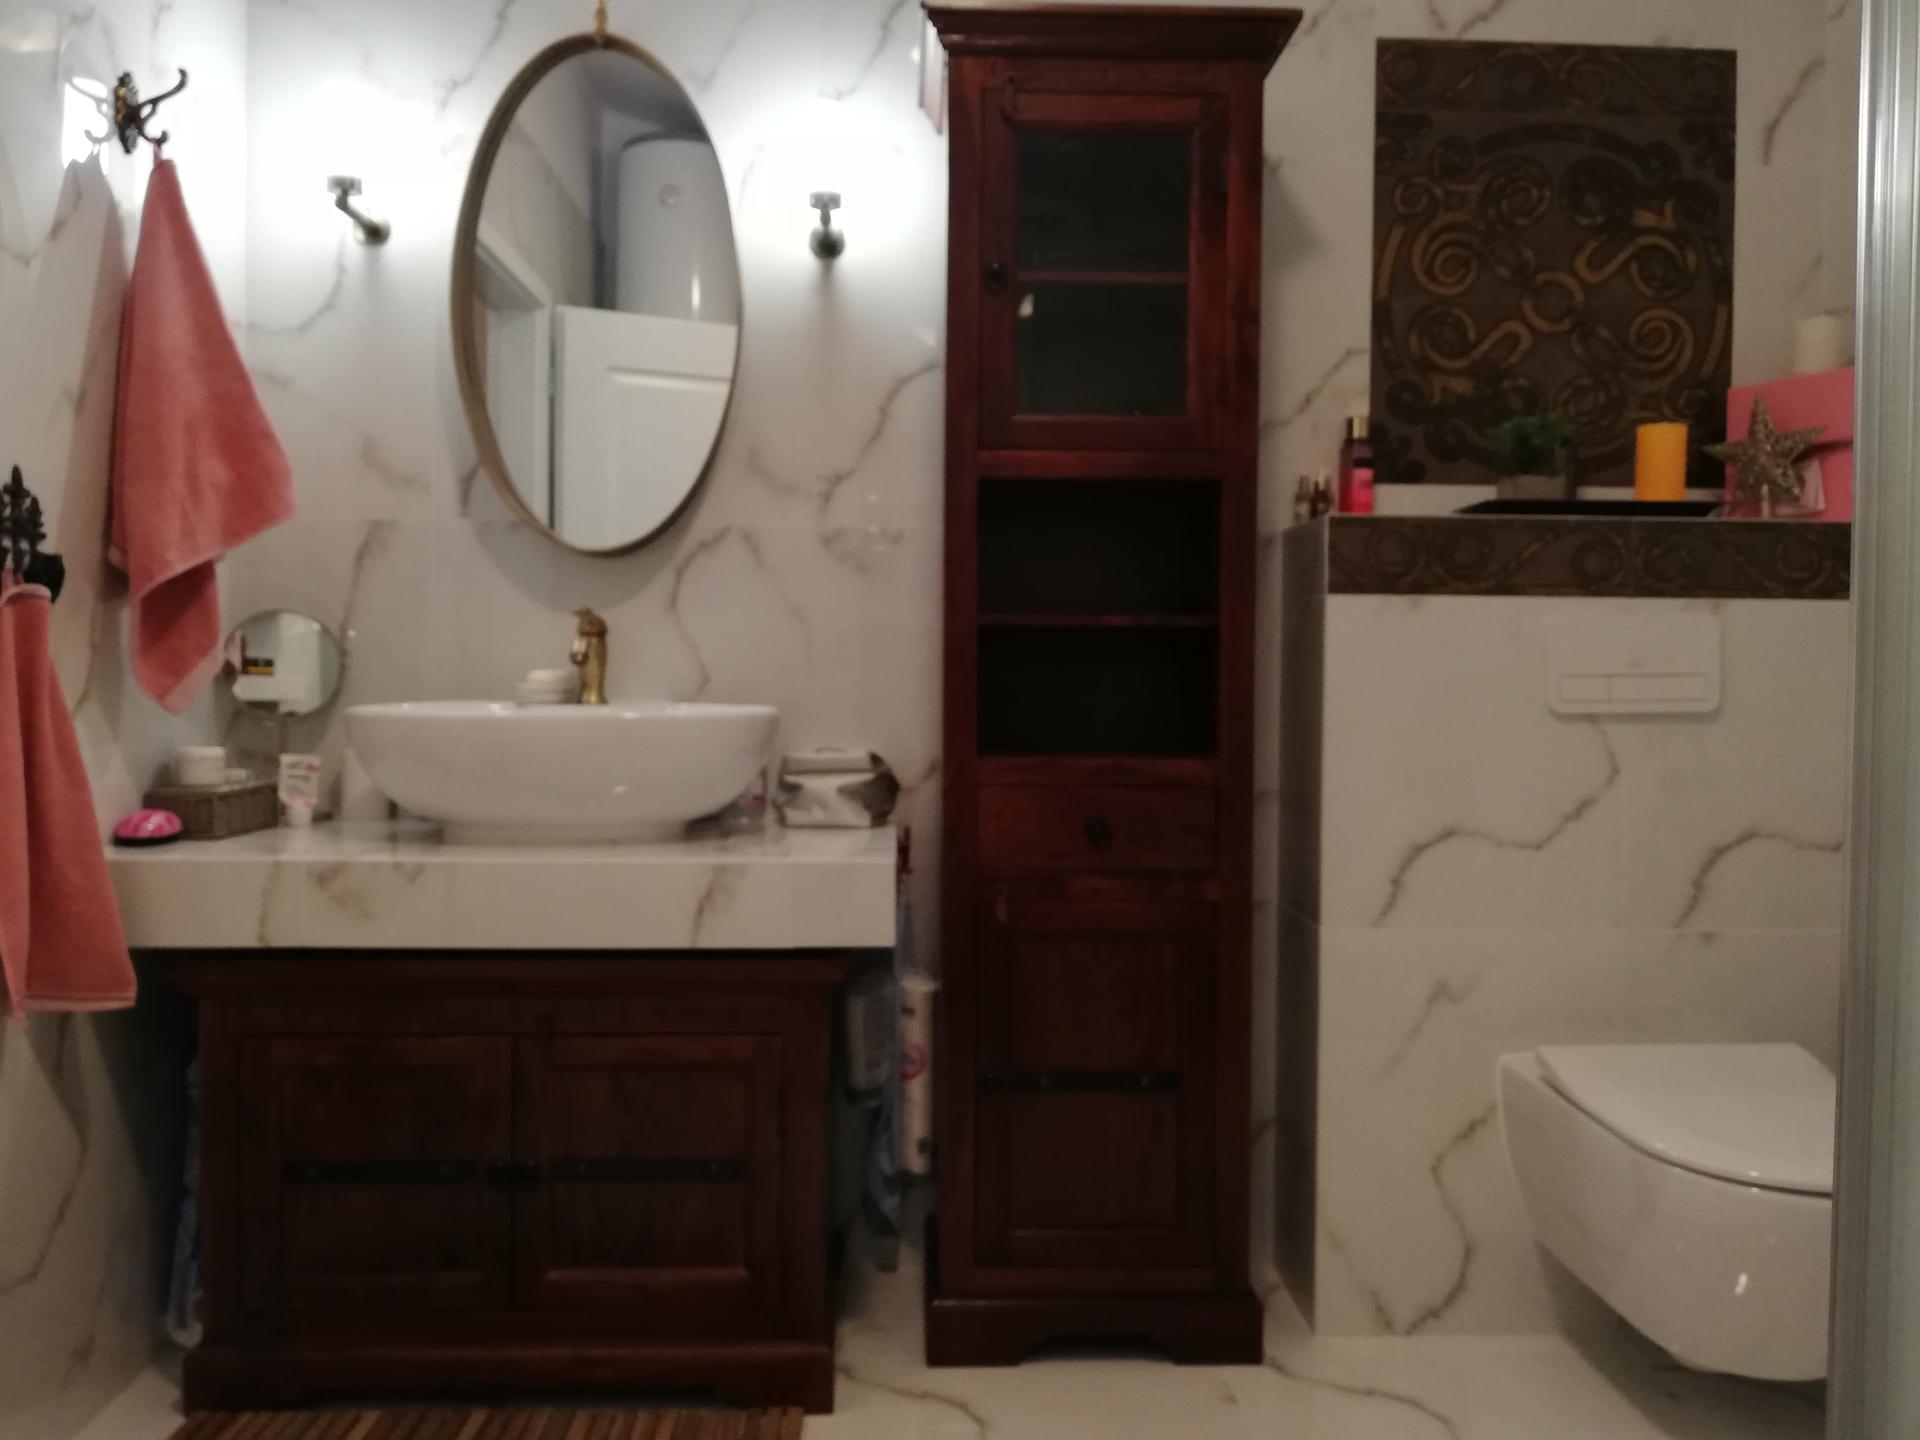 Kúpeľňa tak trocha inak - Tieto skrinky som si vyhliadla takmer pred dvoma rokmi, hneď som si ich zamilovala. Sú úžasné, tá vôňa dreva je jedinečná ❤️ Cambridge nugat, Bighome